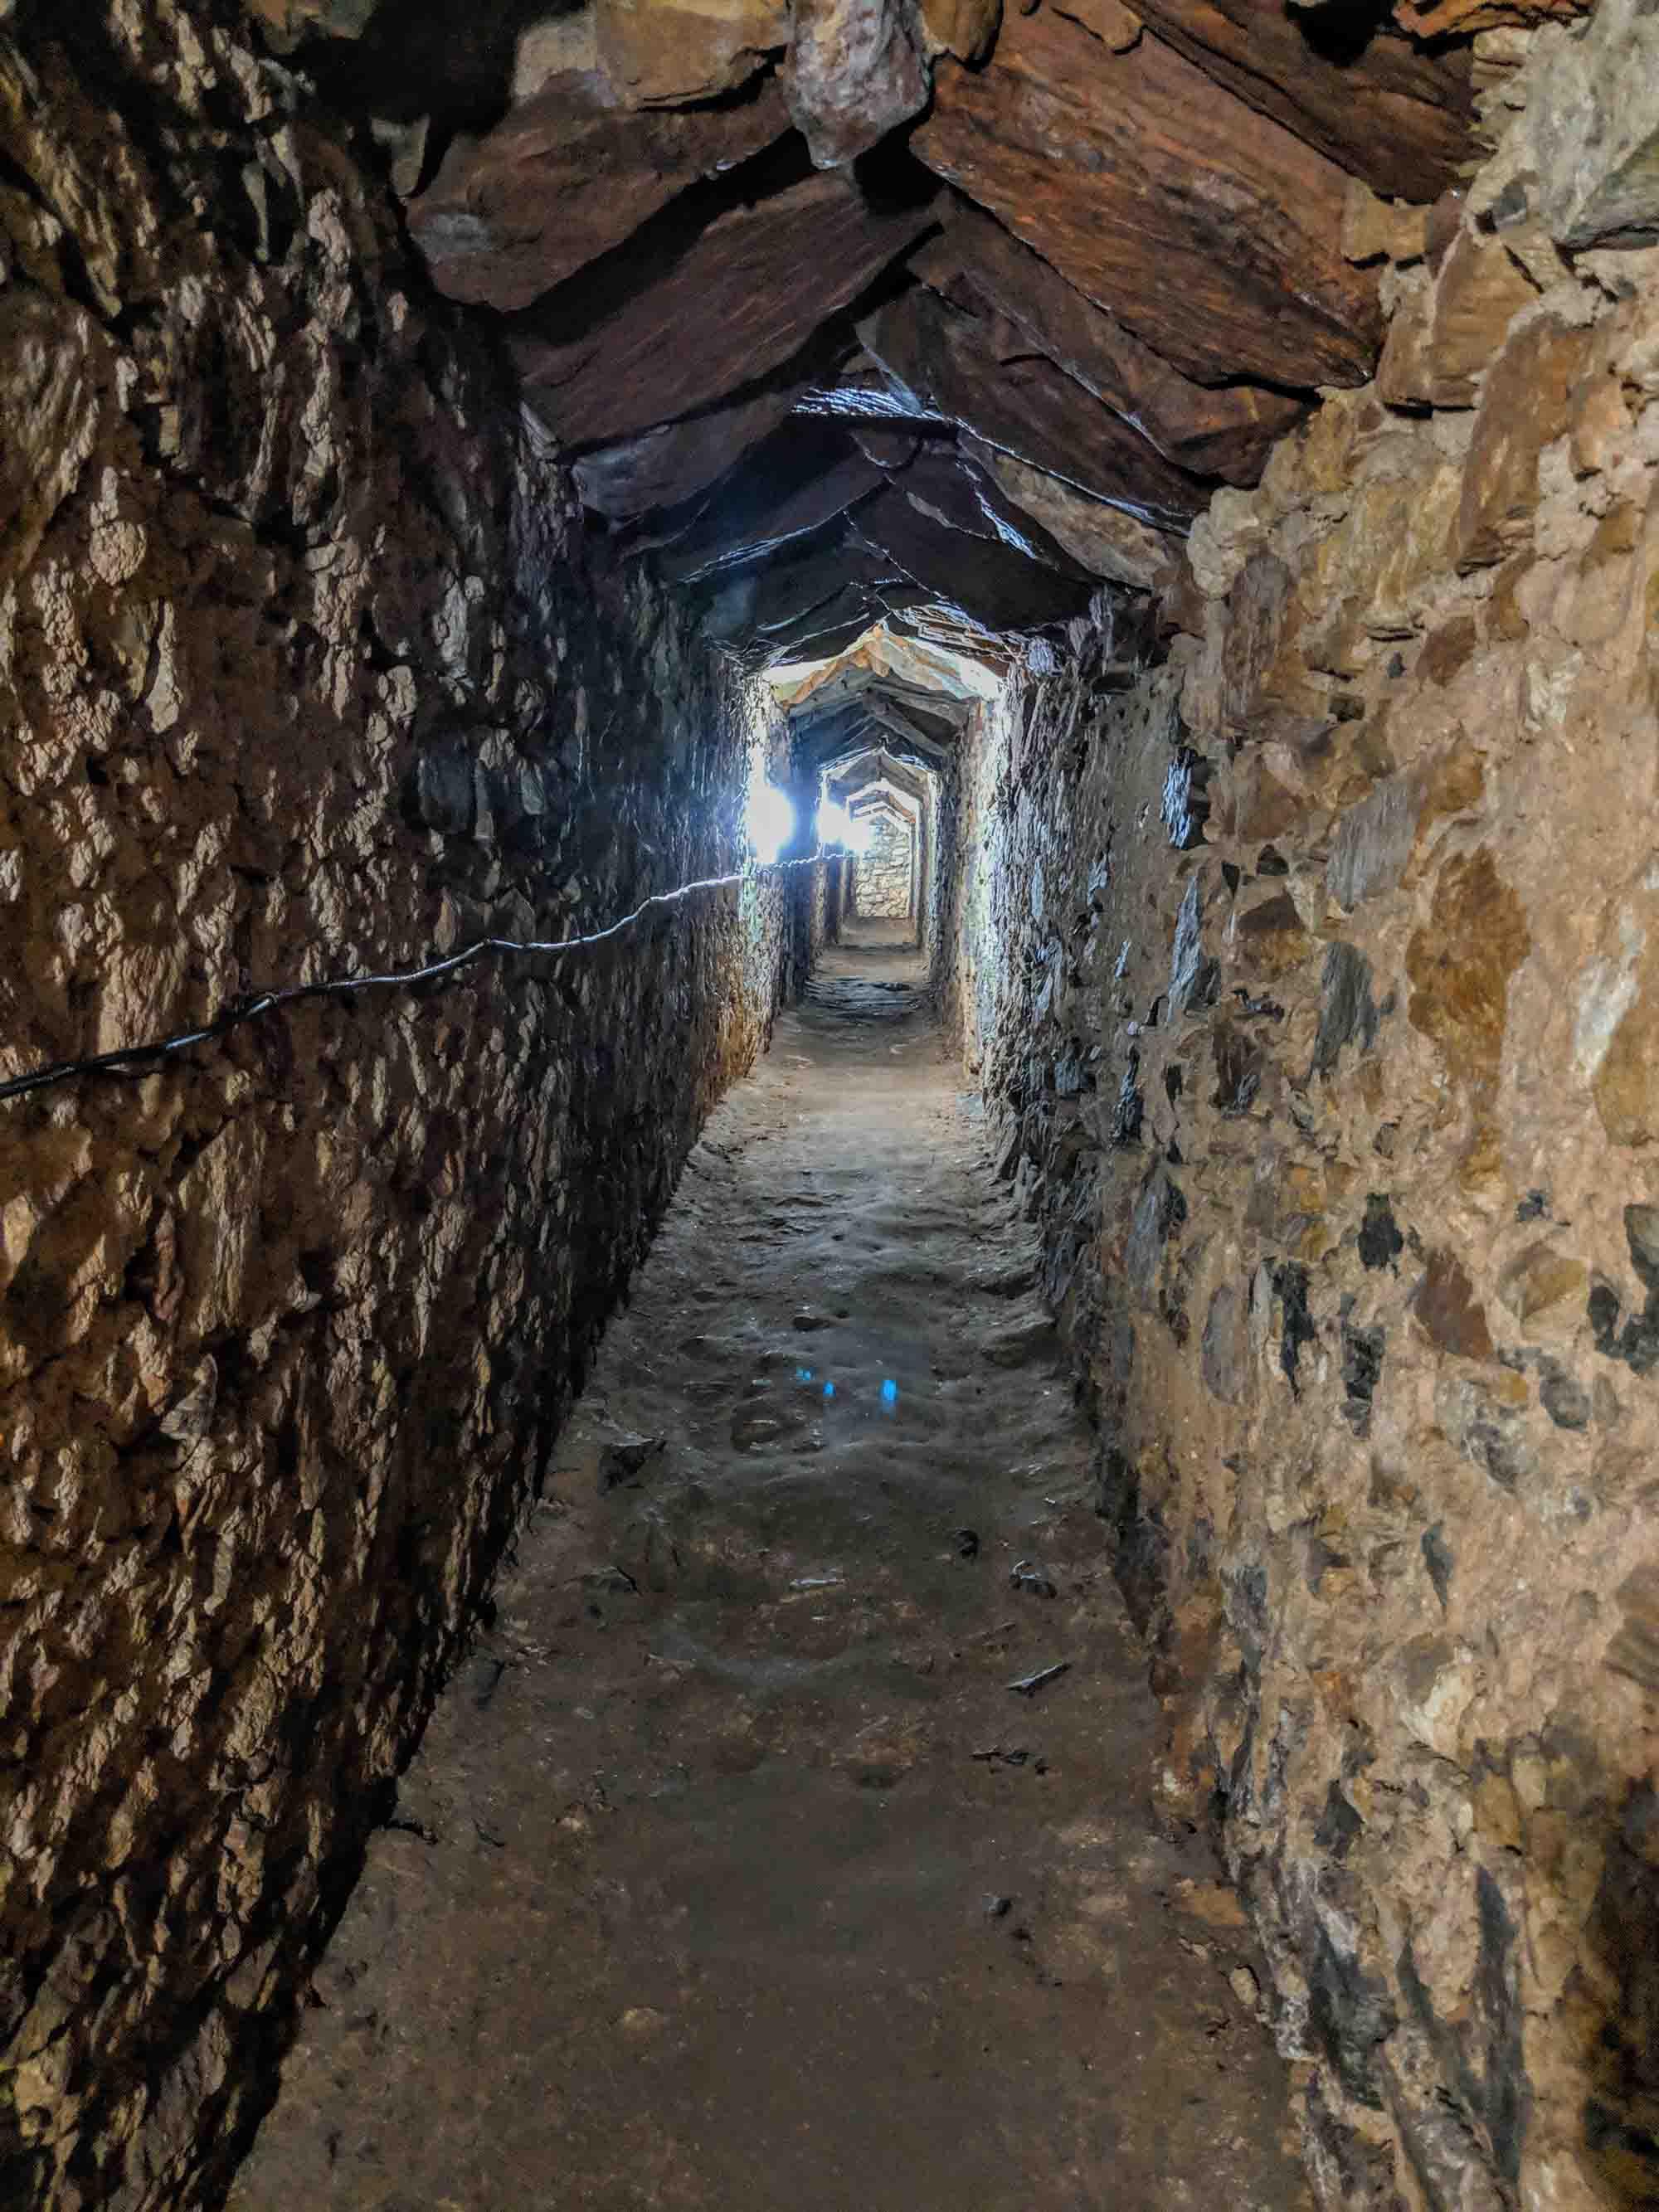 Forte de Santa Luzia tunnel